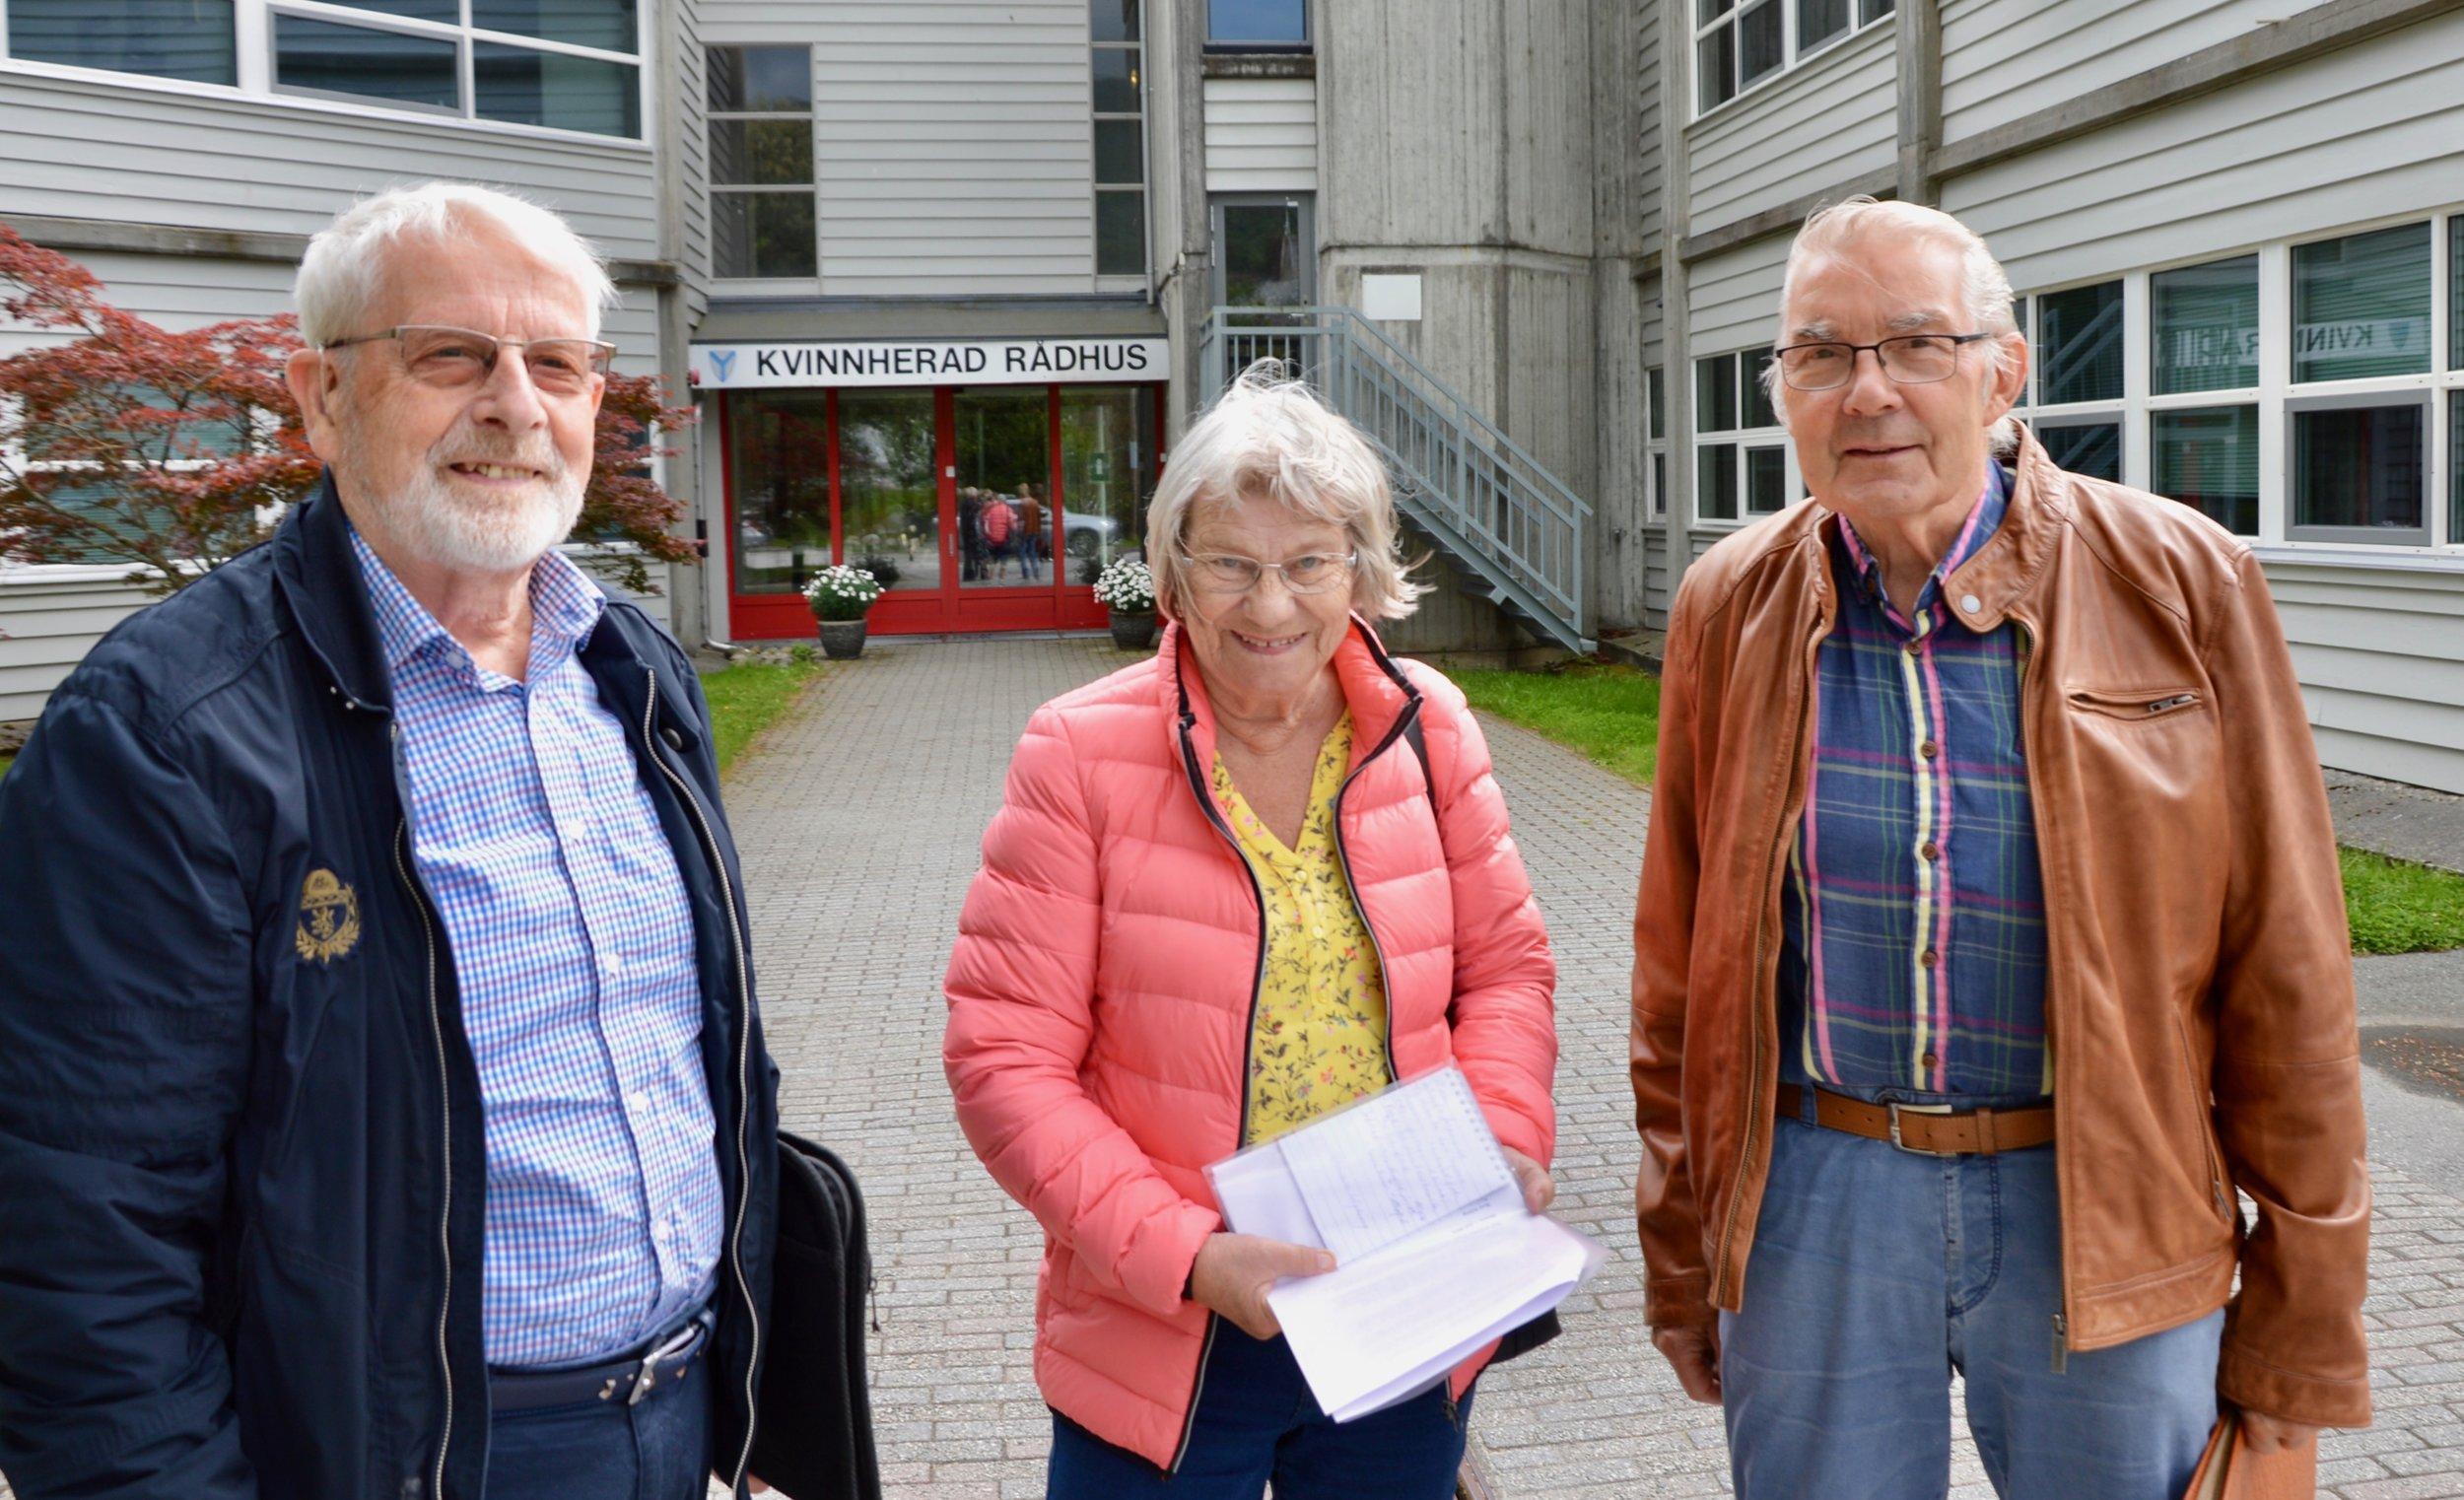 Otto Blokhus, Aud Sigrun Fausk og Roald Teigen i Frivilligsentralen si seniorgruppe gler seg over at arbeidet no ser ut til å vera inne på eit godt spor.